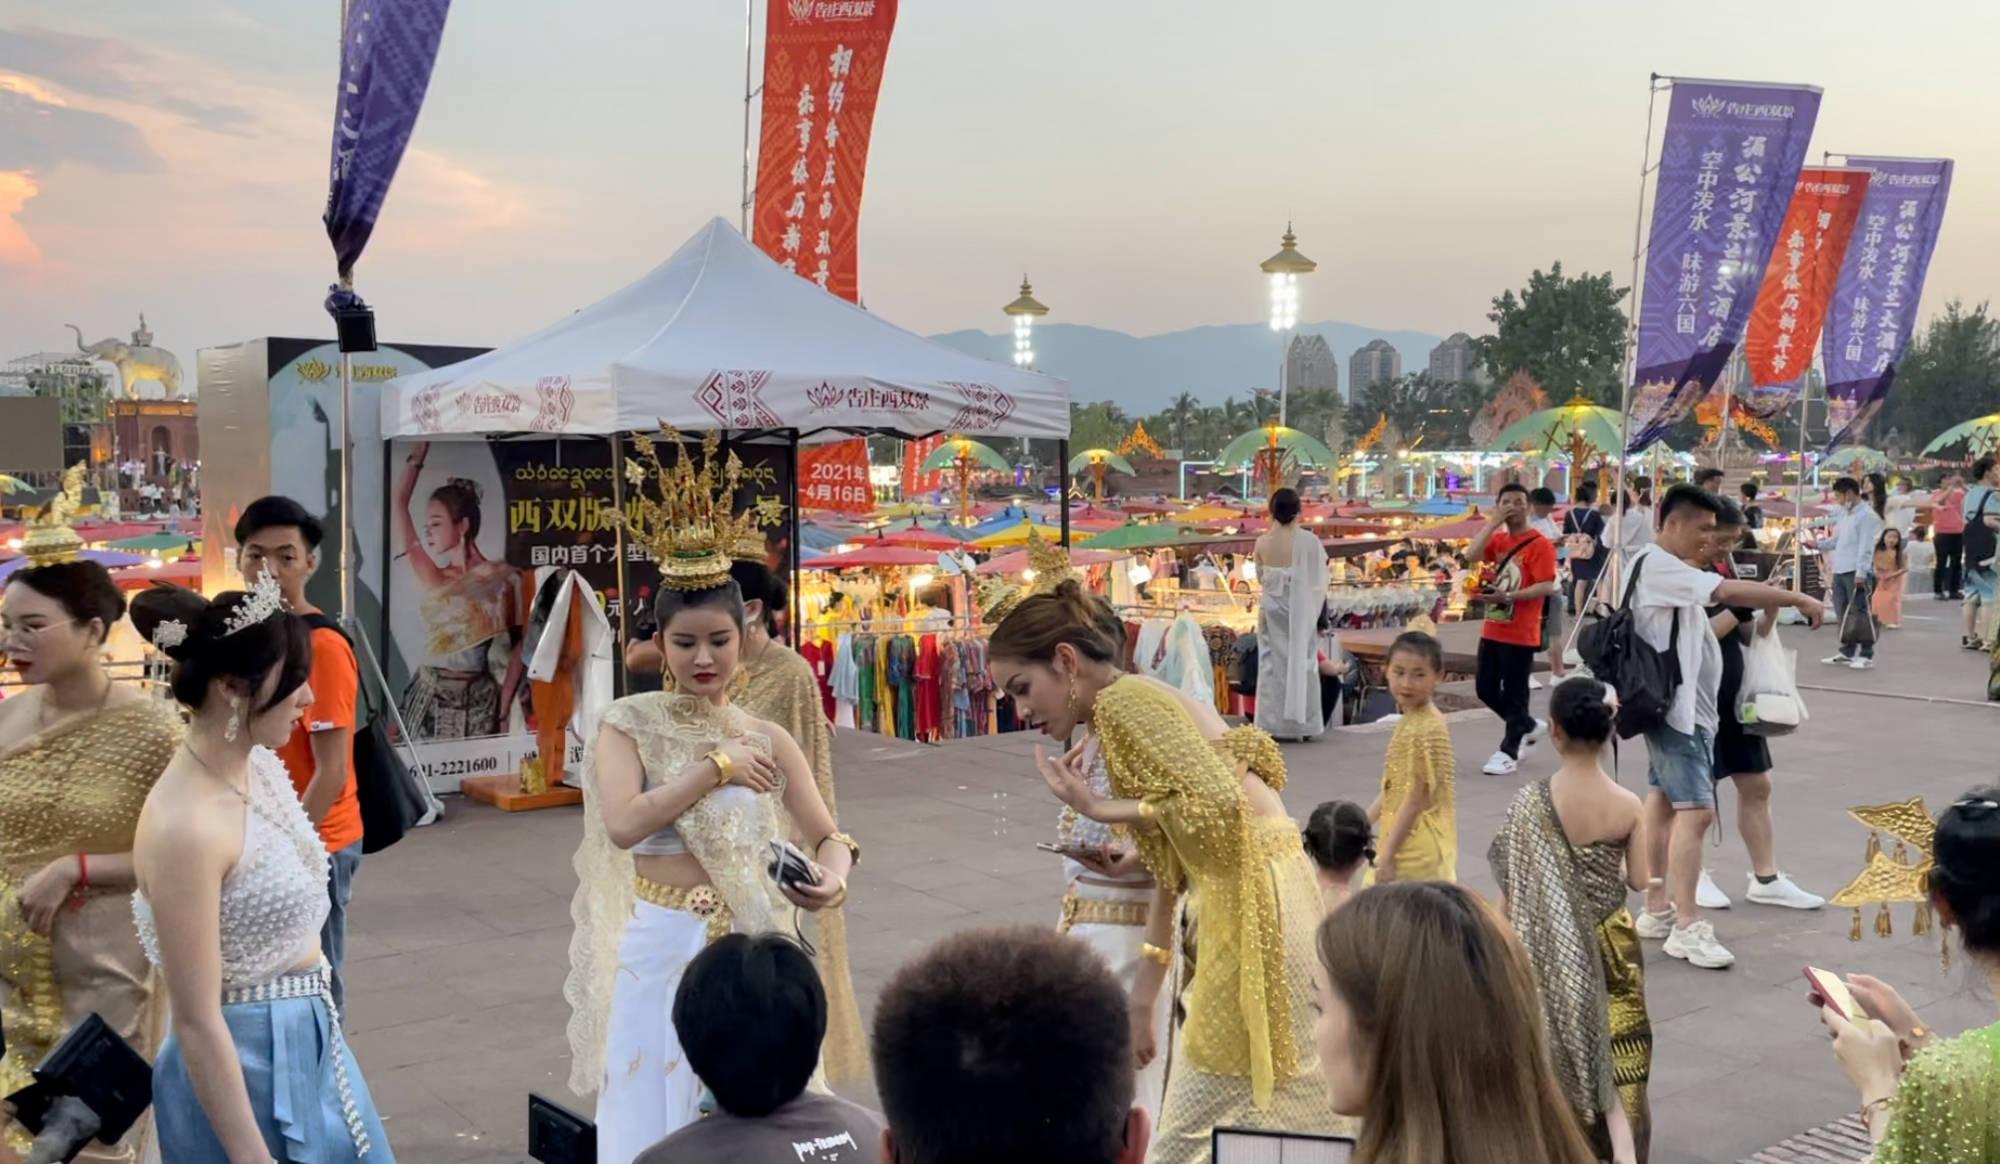 云南西双版纳199元写真火爆,夜市上百位美女排队拍照,场面惊人